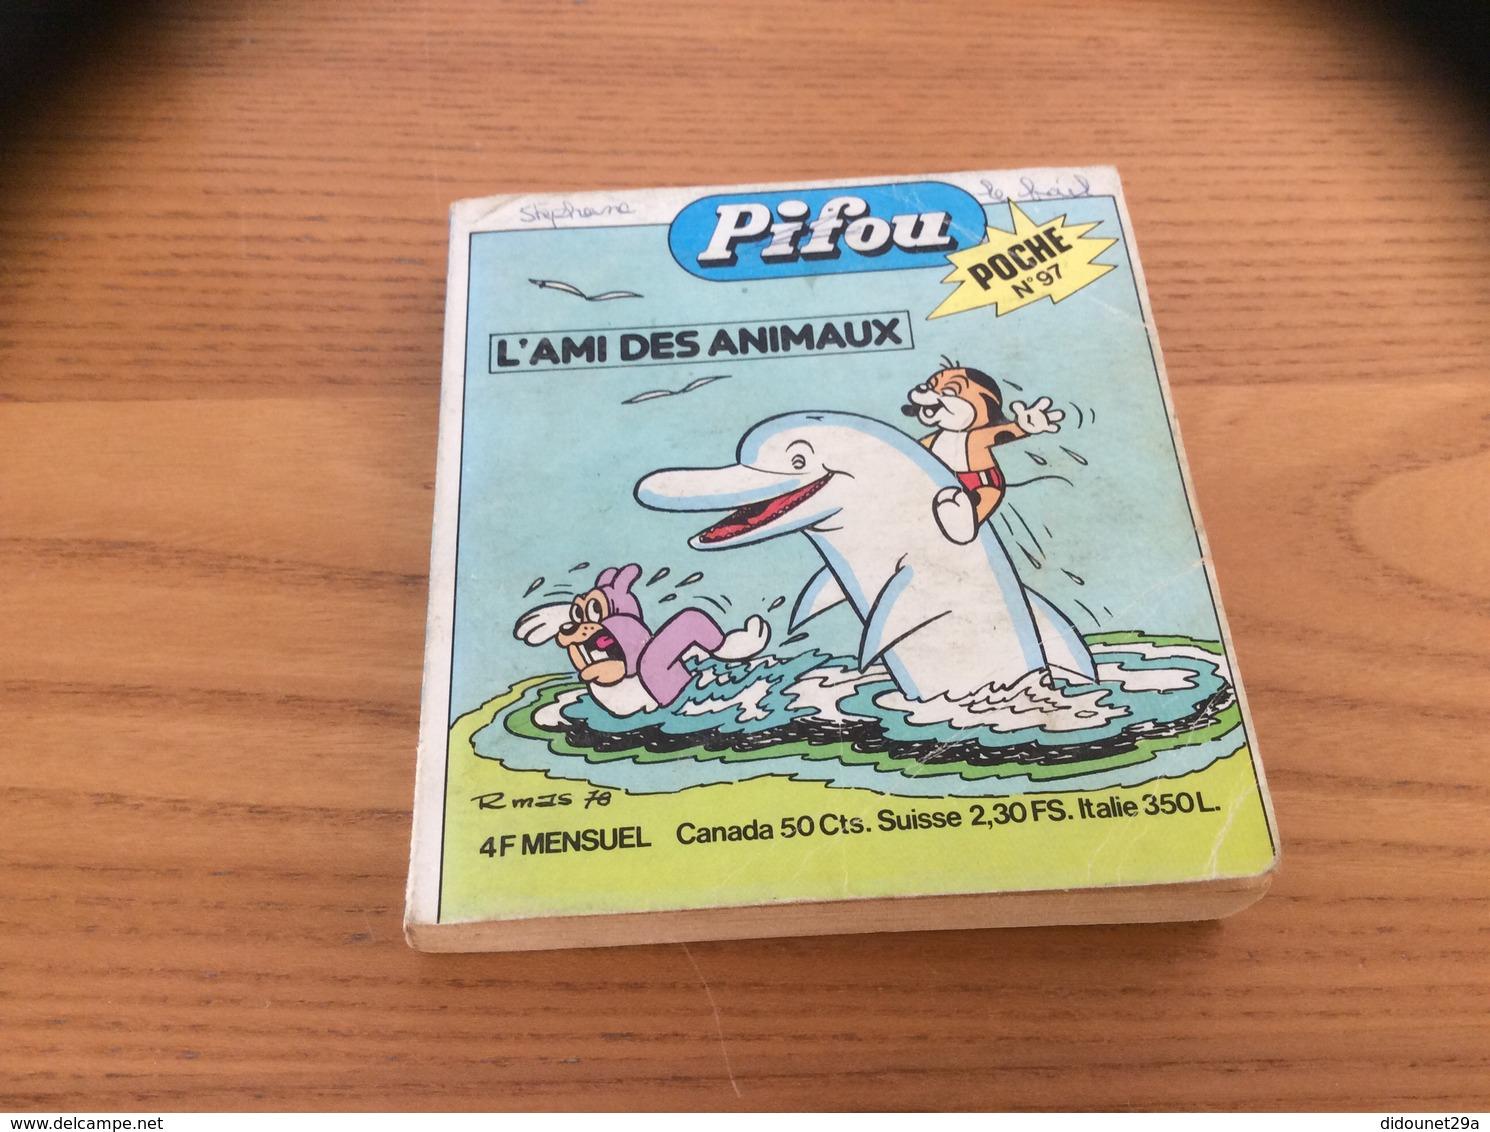 Pifou POCHE N° 97 (198 Pages) 1978 - Magazines Et Périodiques